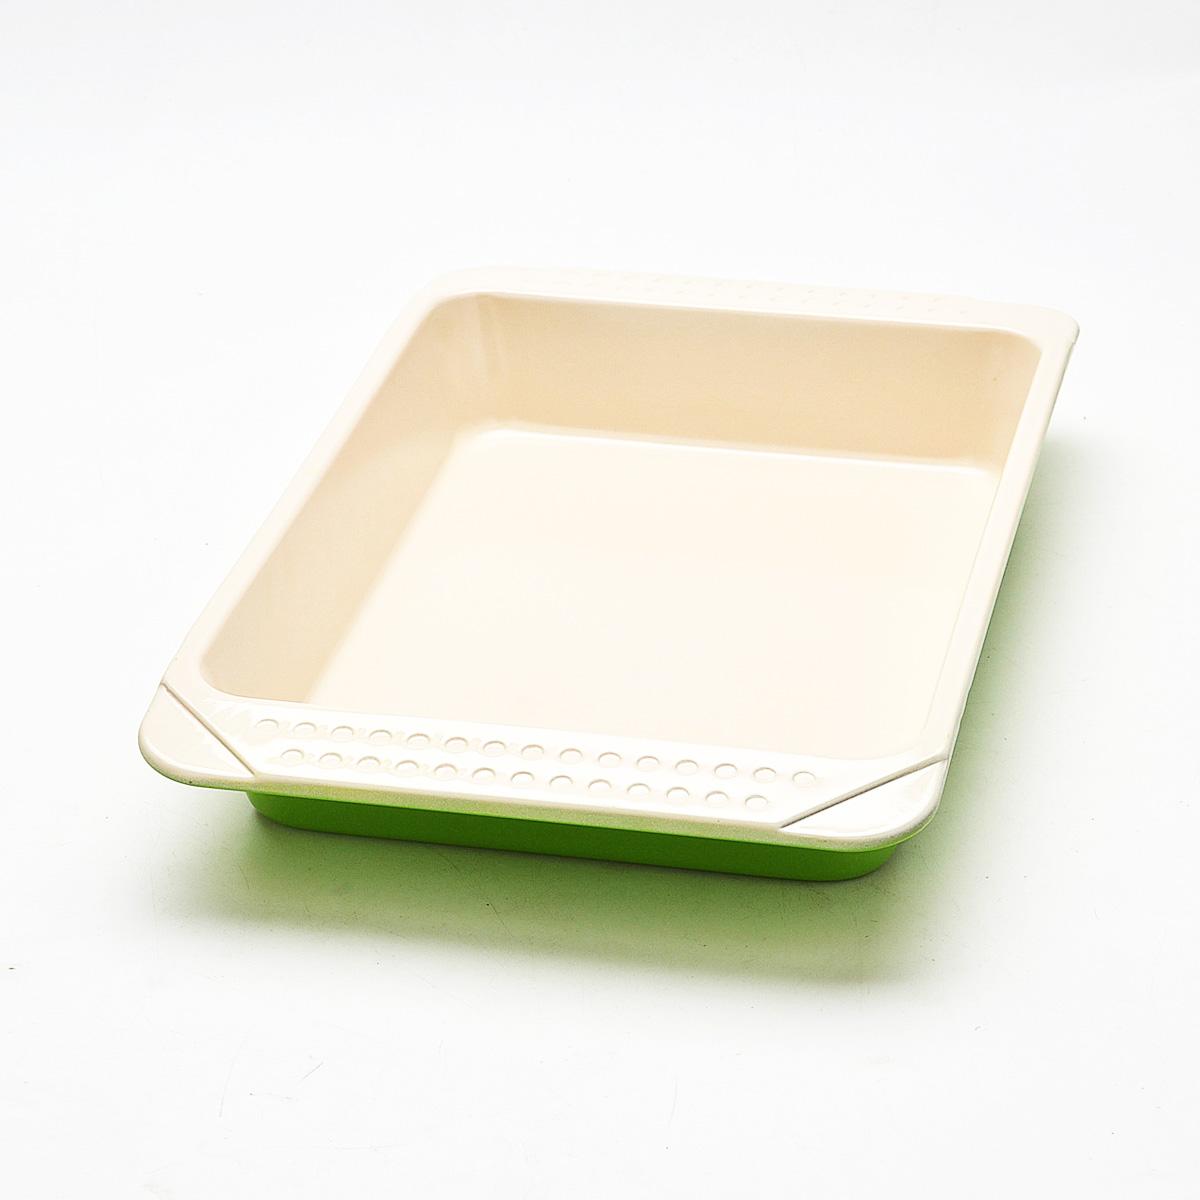 Противень Mayer & Boch, с керамическим покрытием, прямоугольный, цвет: зеленый, 41 см х 25 см х 6 см21997Противень Mayer & Boch изготовлен из высококачественной углеродистой стали с керамическим покрытием. Жаропрочное покрытие безопасно для человека, не содержит вредных примесей PFOA и PTFE. Простой в уходе и долговечный в использовании противень станет верным помощником в создании ваших кулинарных шедевров. Подходит для использования в духовом шкафу. Не подходит для СВЧ-печей. Не рекомендуется мыть в посудомоечной машине. Используйте только деревянные и пластиковые лопатки.